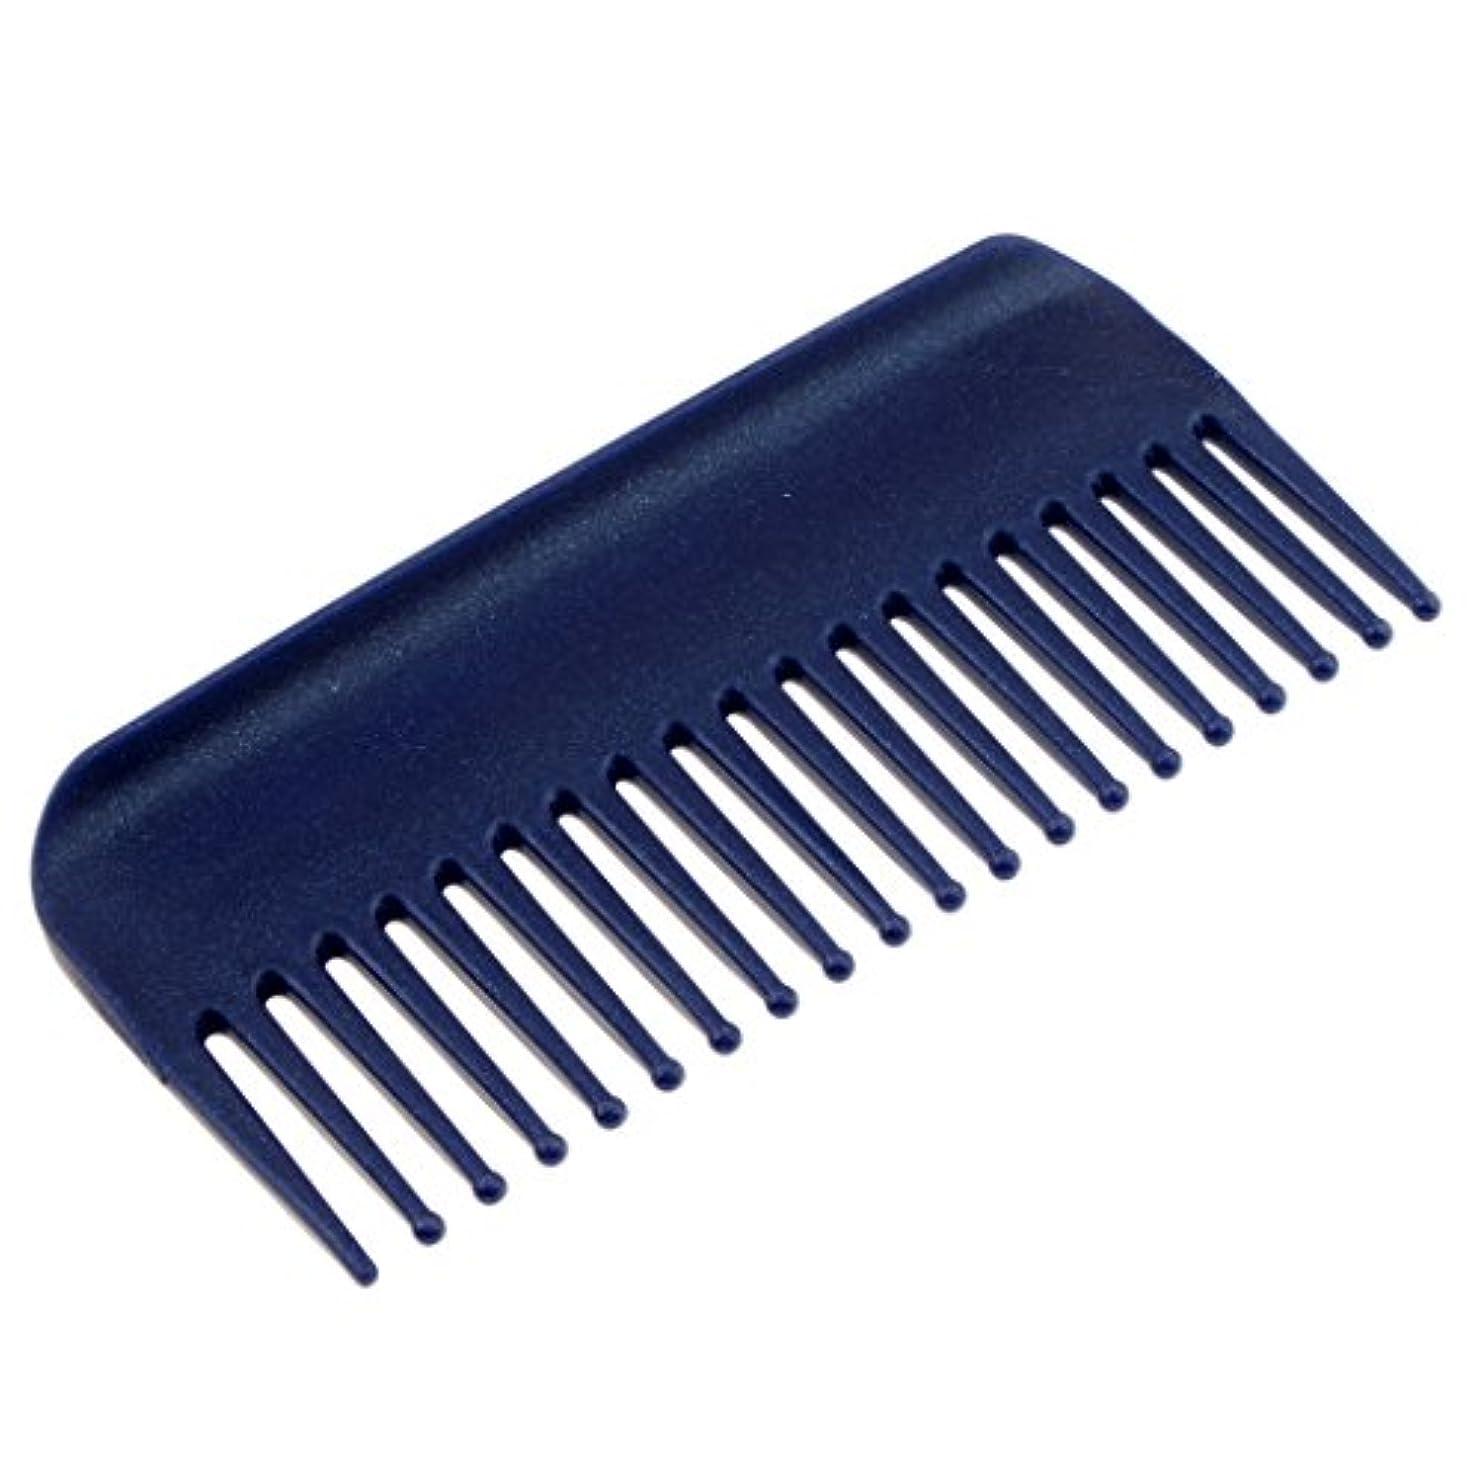 Perfk ヘアブラシ ヘアコーム コーム 櫛 くし 頭皮 マッサージ 耐熱性 帯電防止 高品質 4色選べる - 青